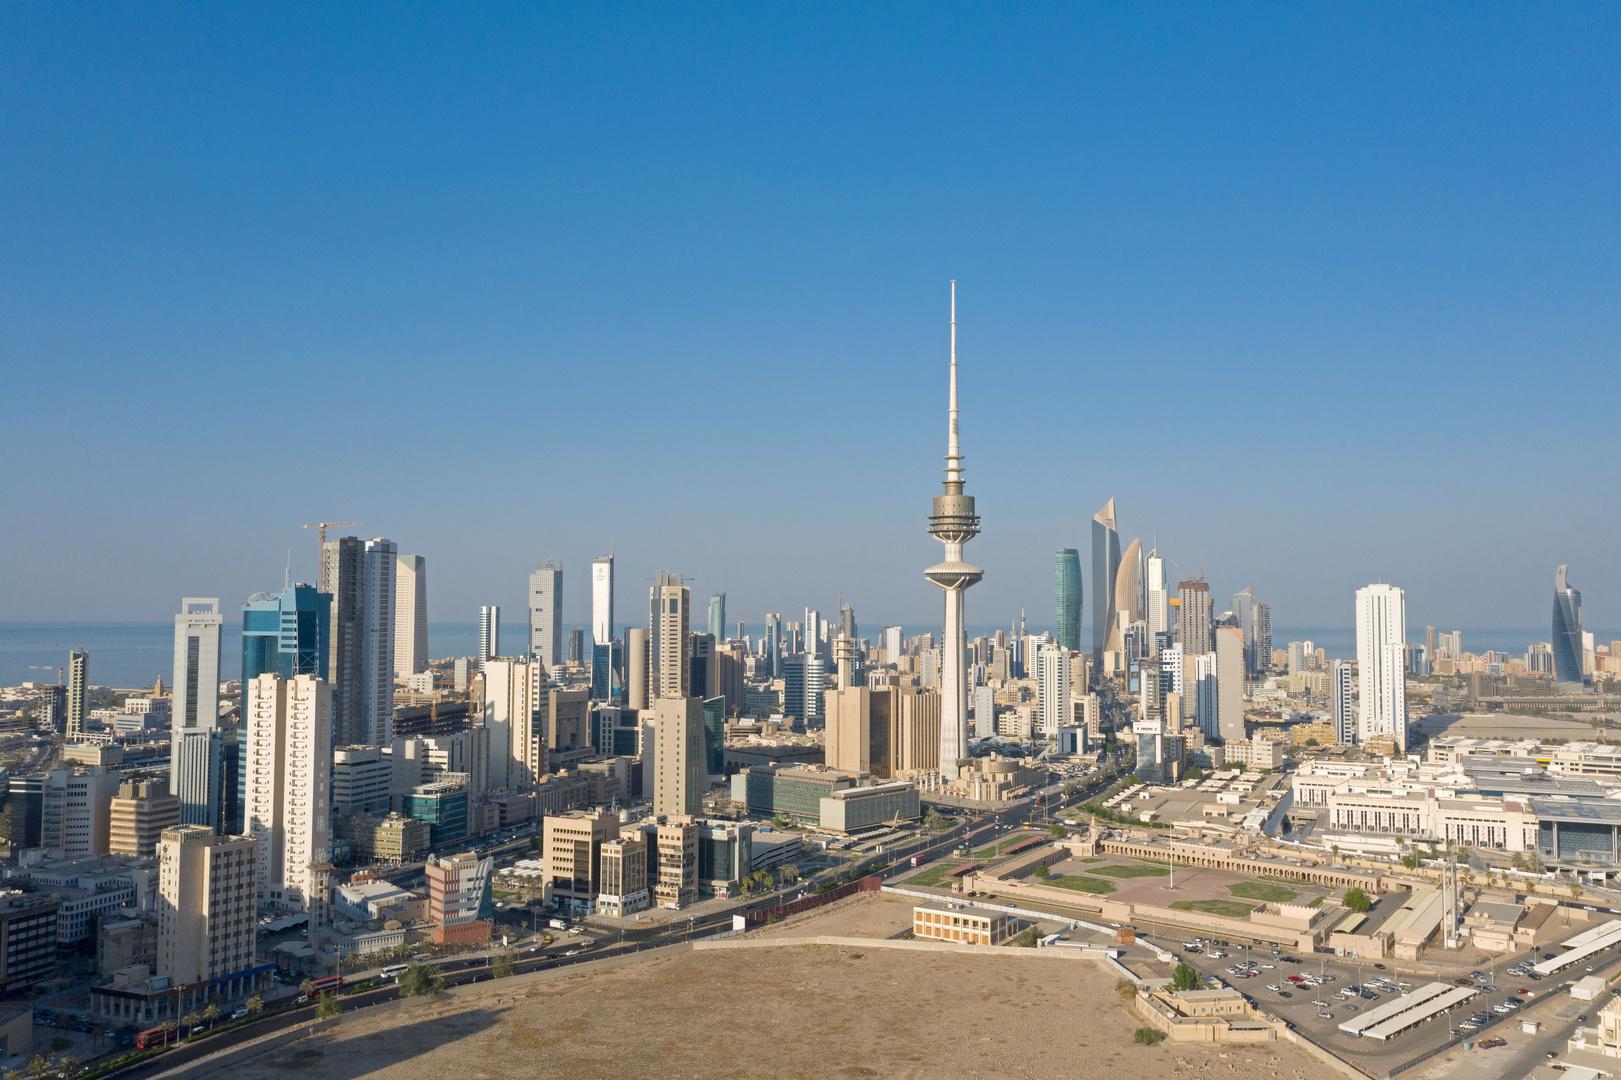 تشغيل مطار الكويت الدولي 24 ساعة يوميا بدءا من 7 مارس